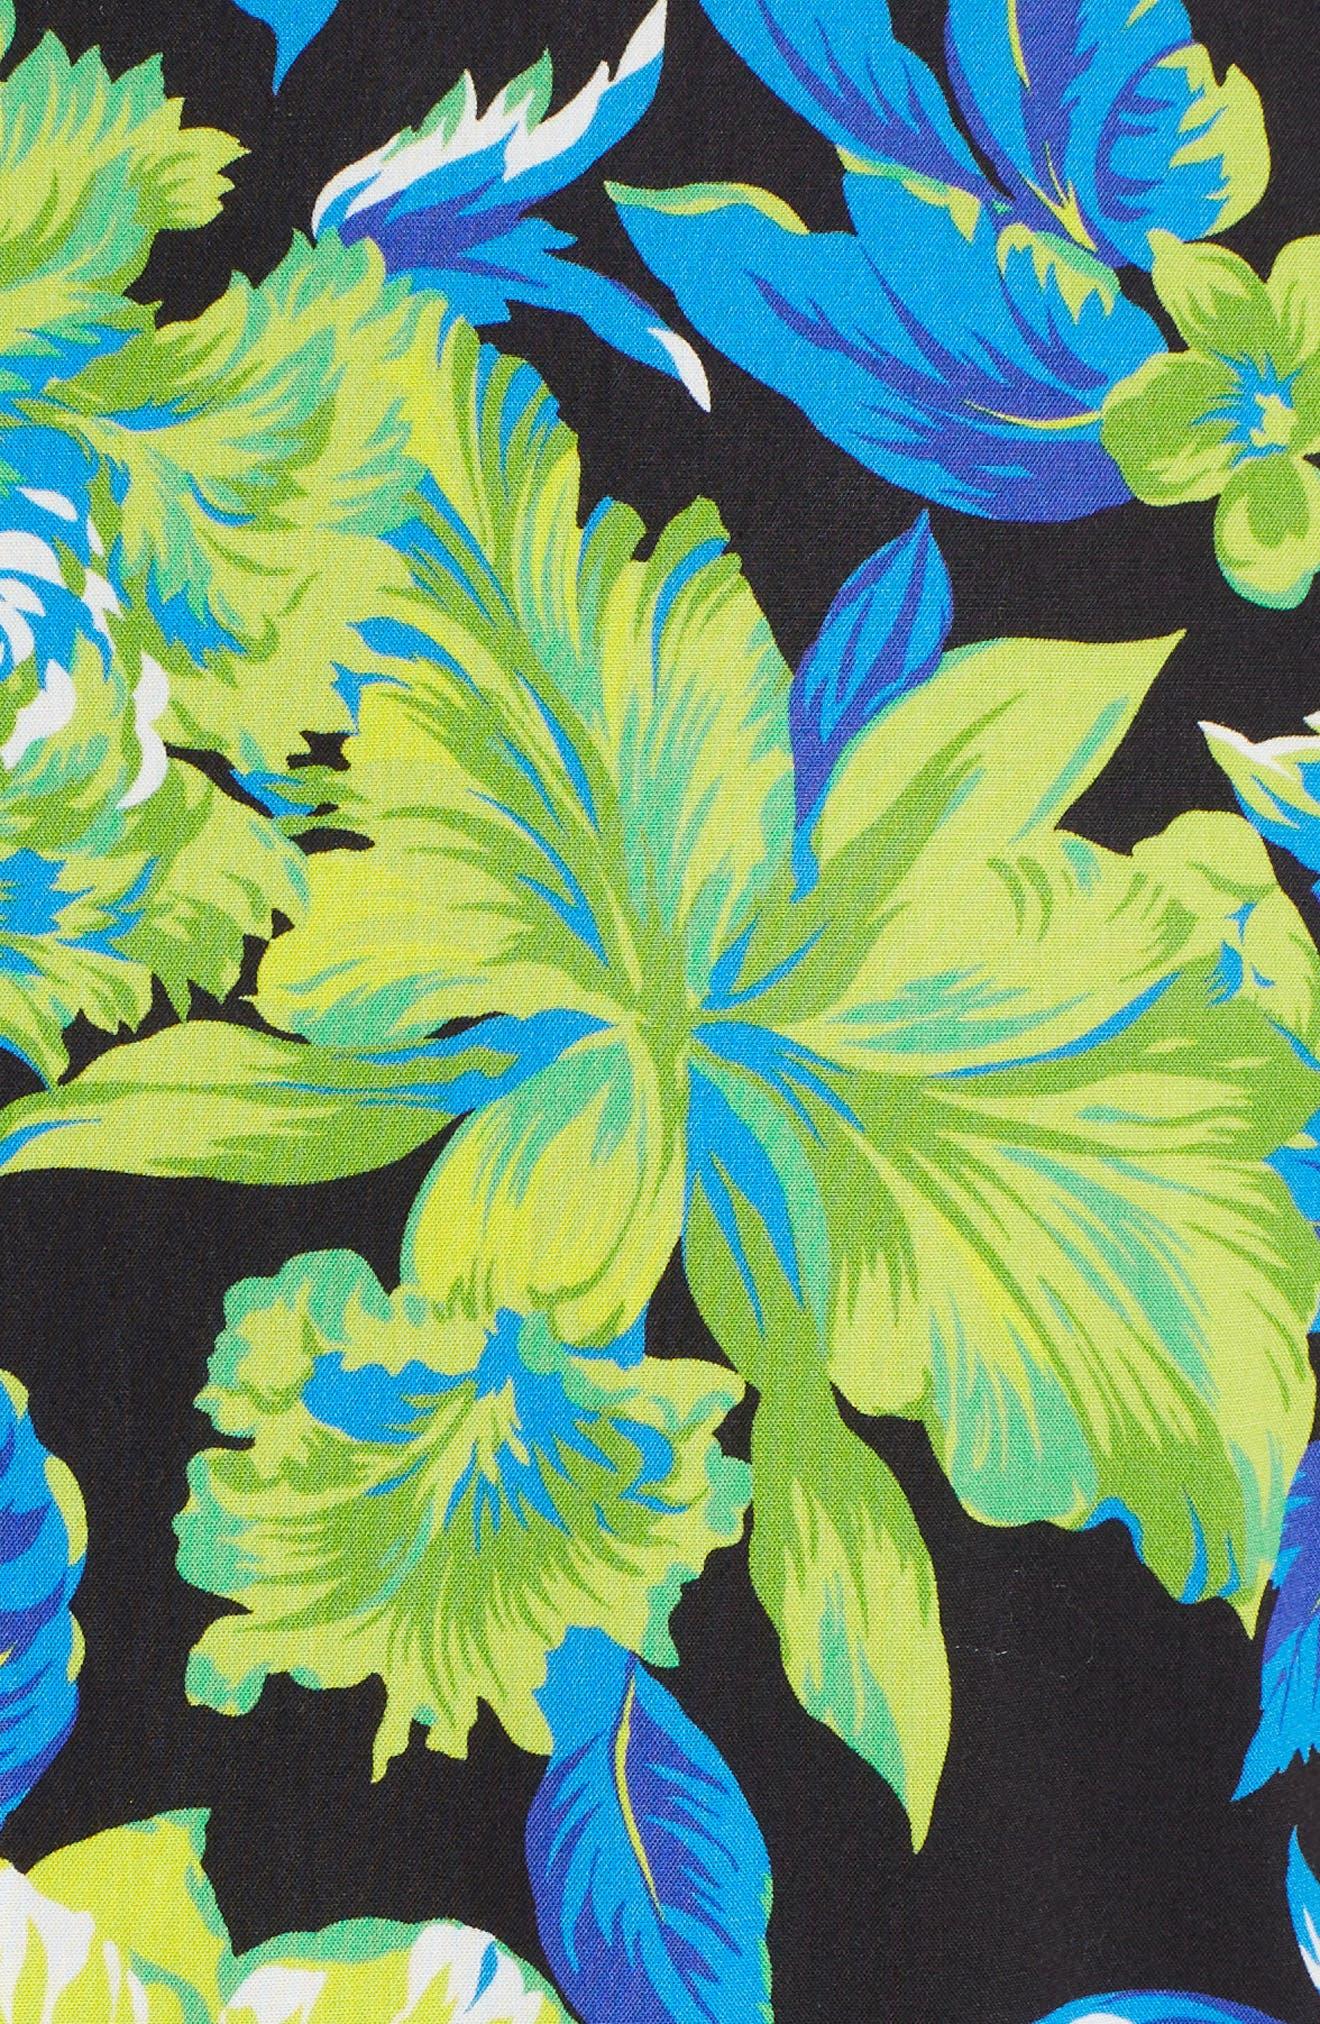 Floral Print A-Line Dress,                             Alternate thumbnail 5, color,                             009